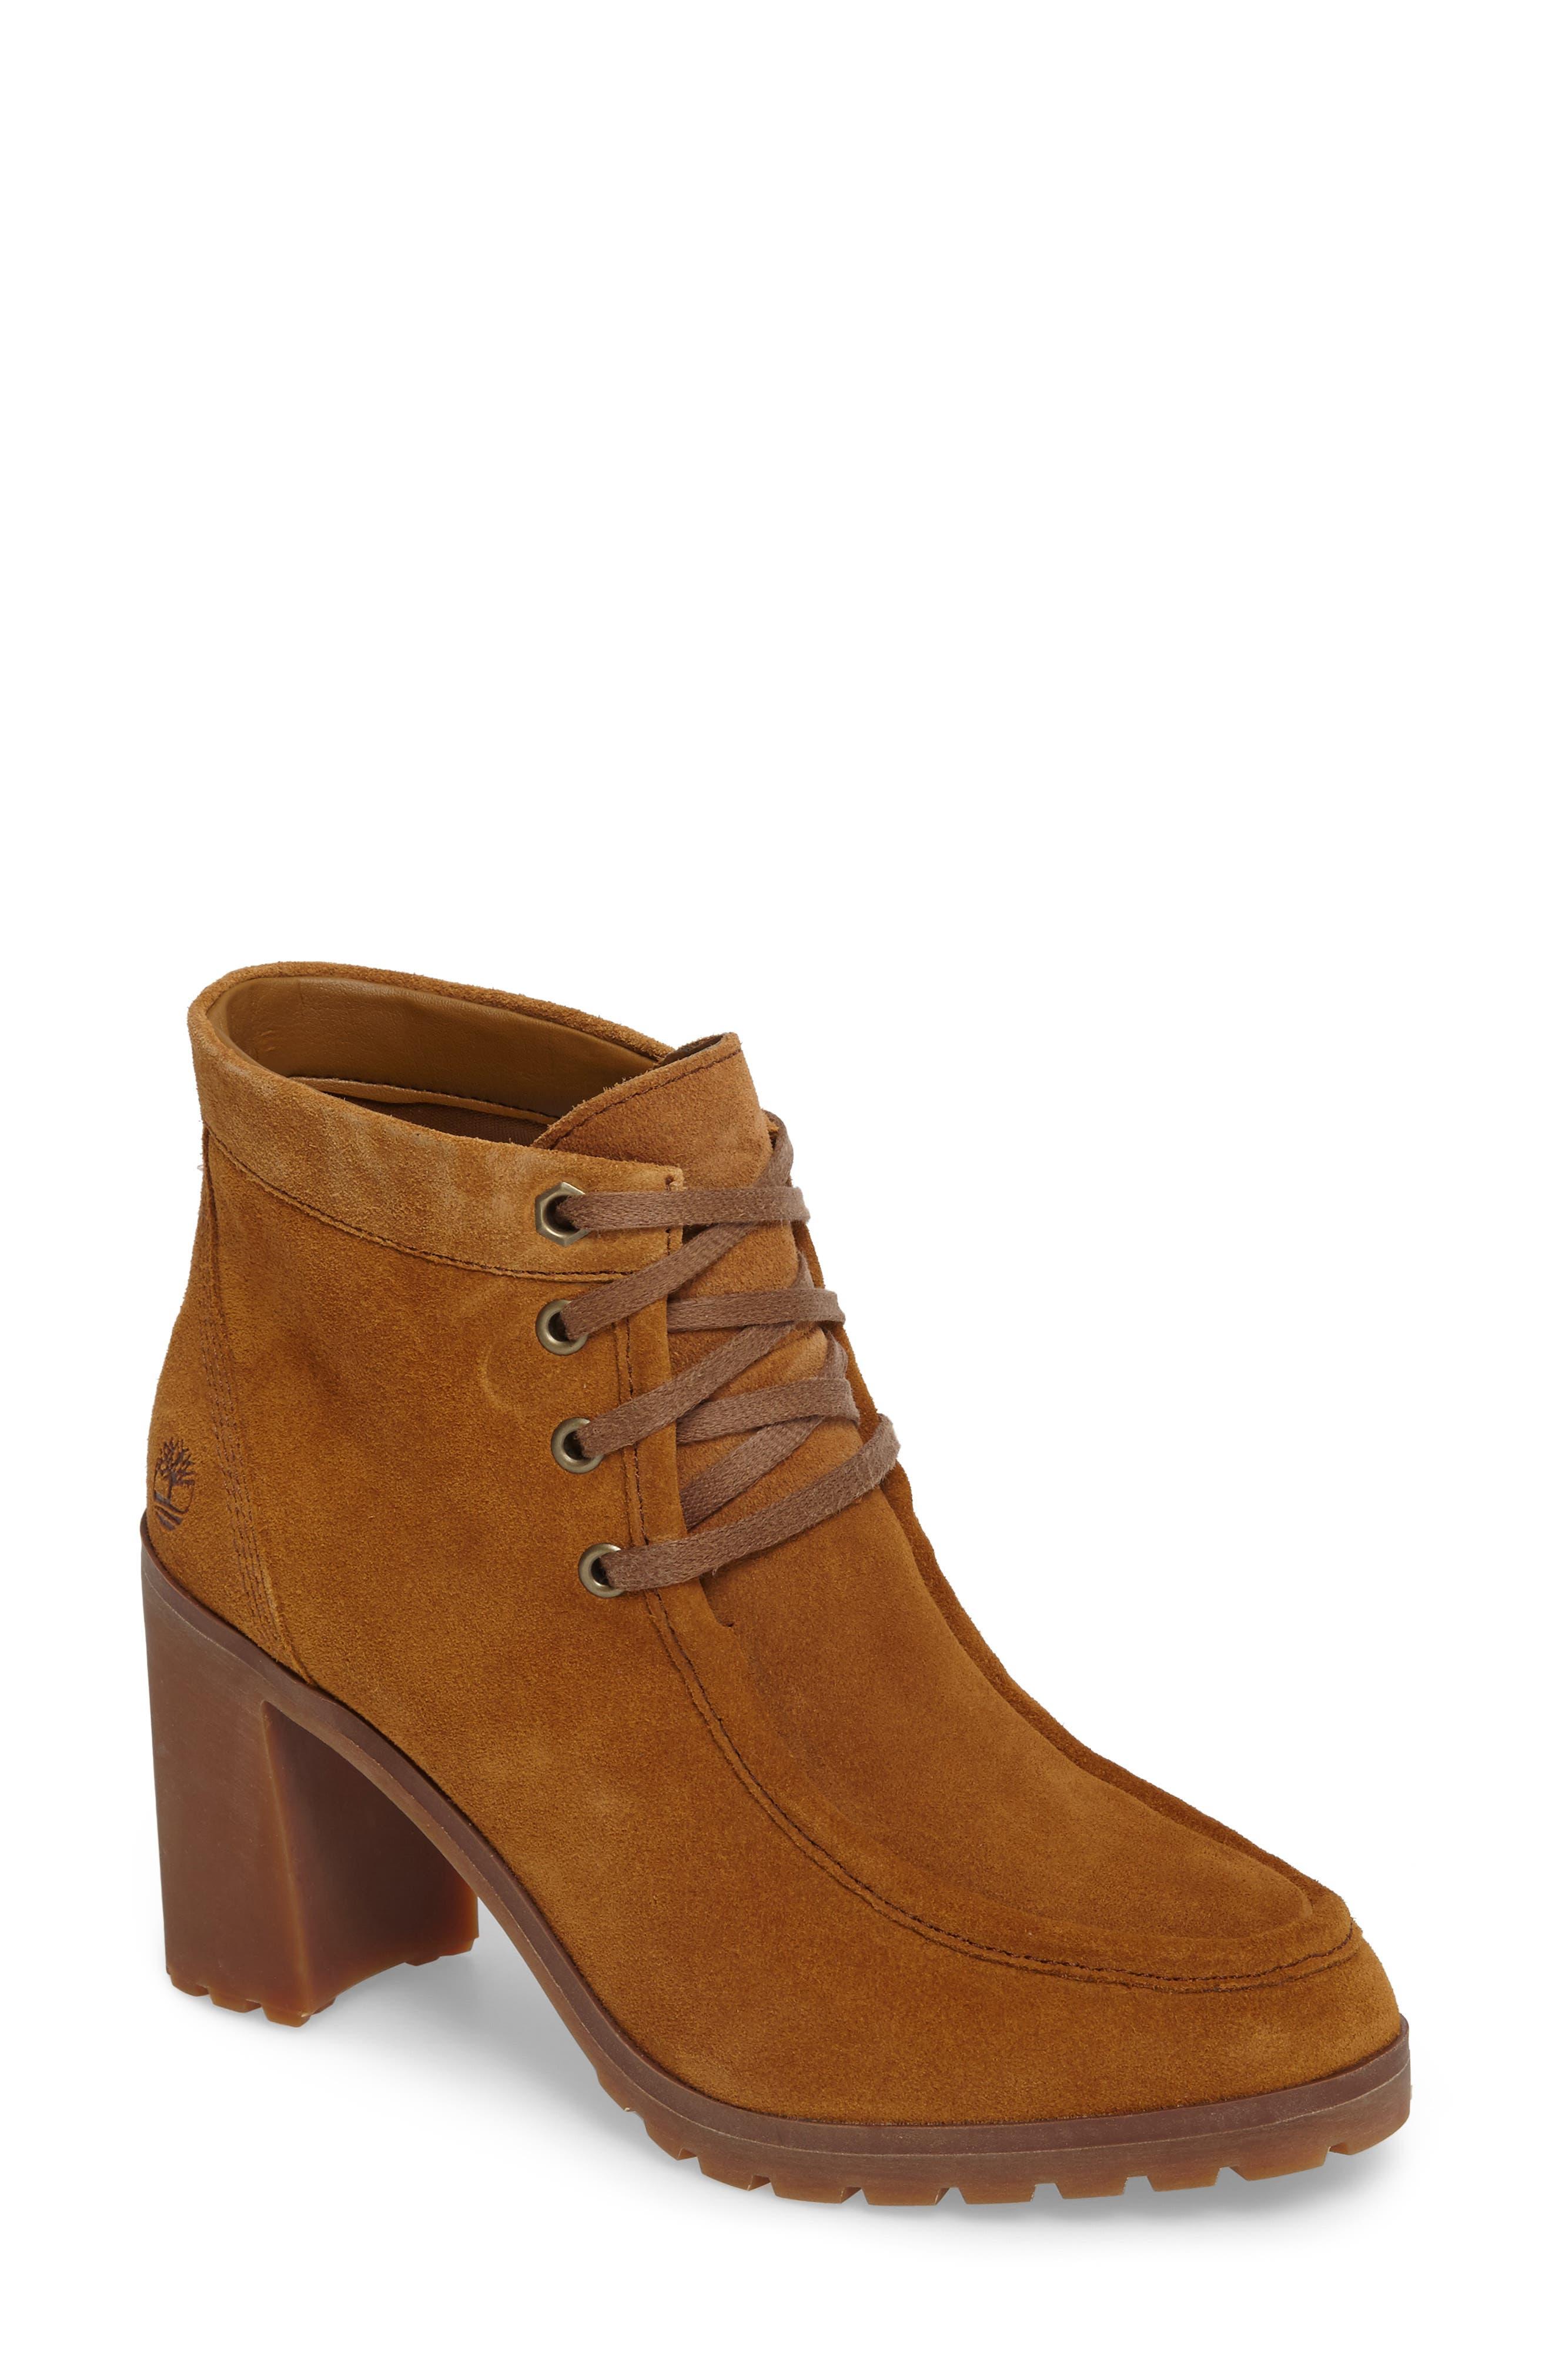 Main Image - Timberland Allington Block Heel Chukka Bootie (Women)